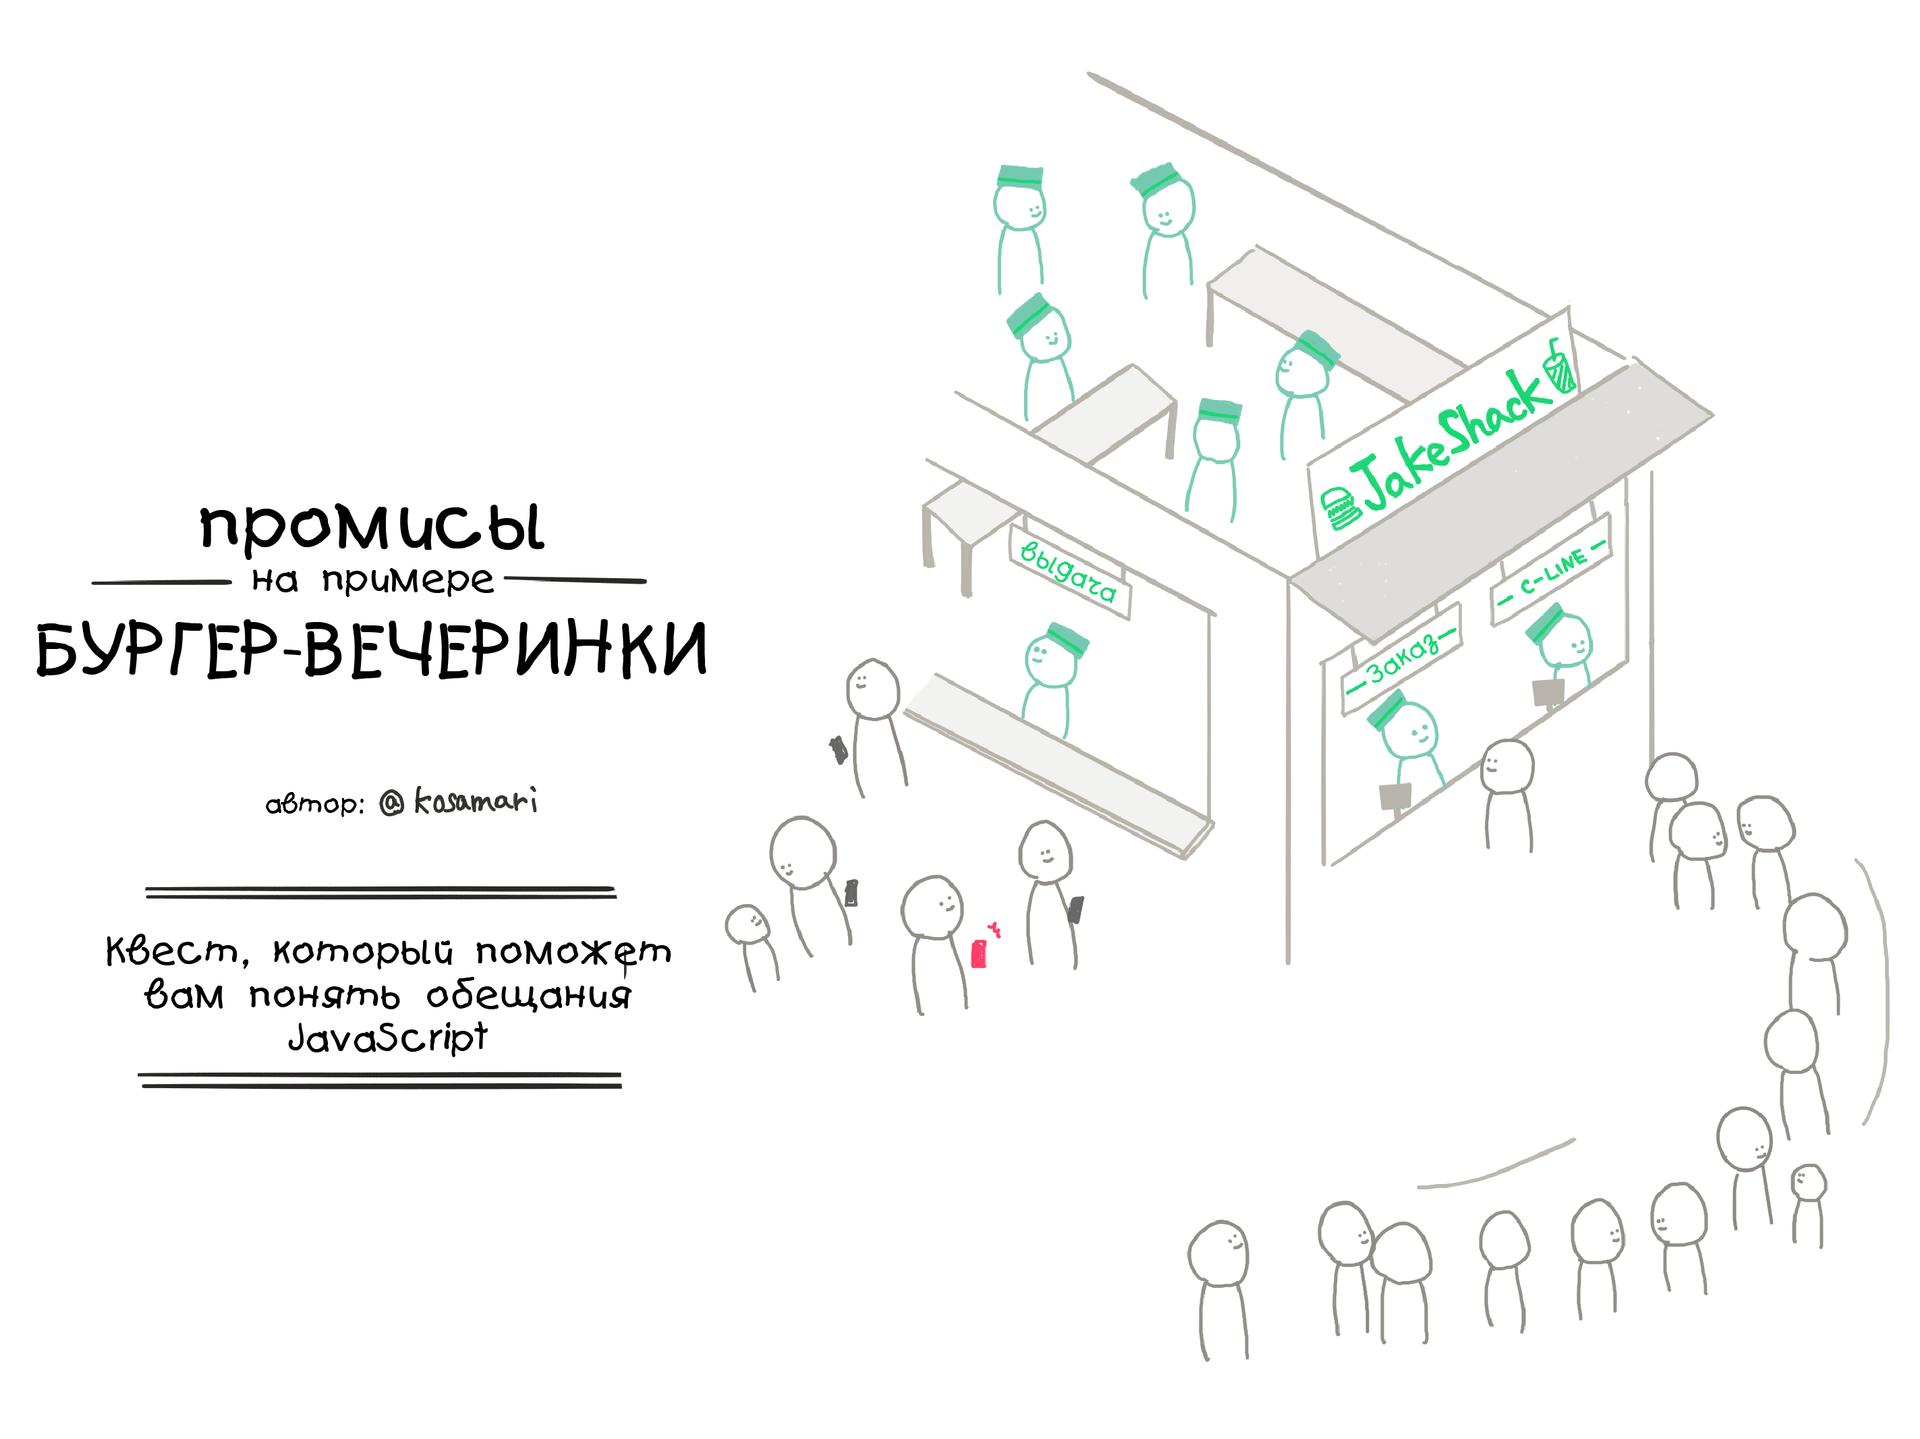 Промисы на примере бургер-вечеринки - 1